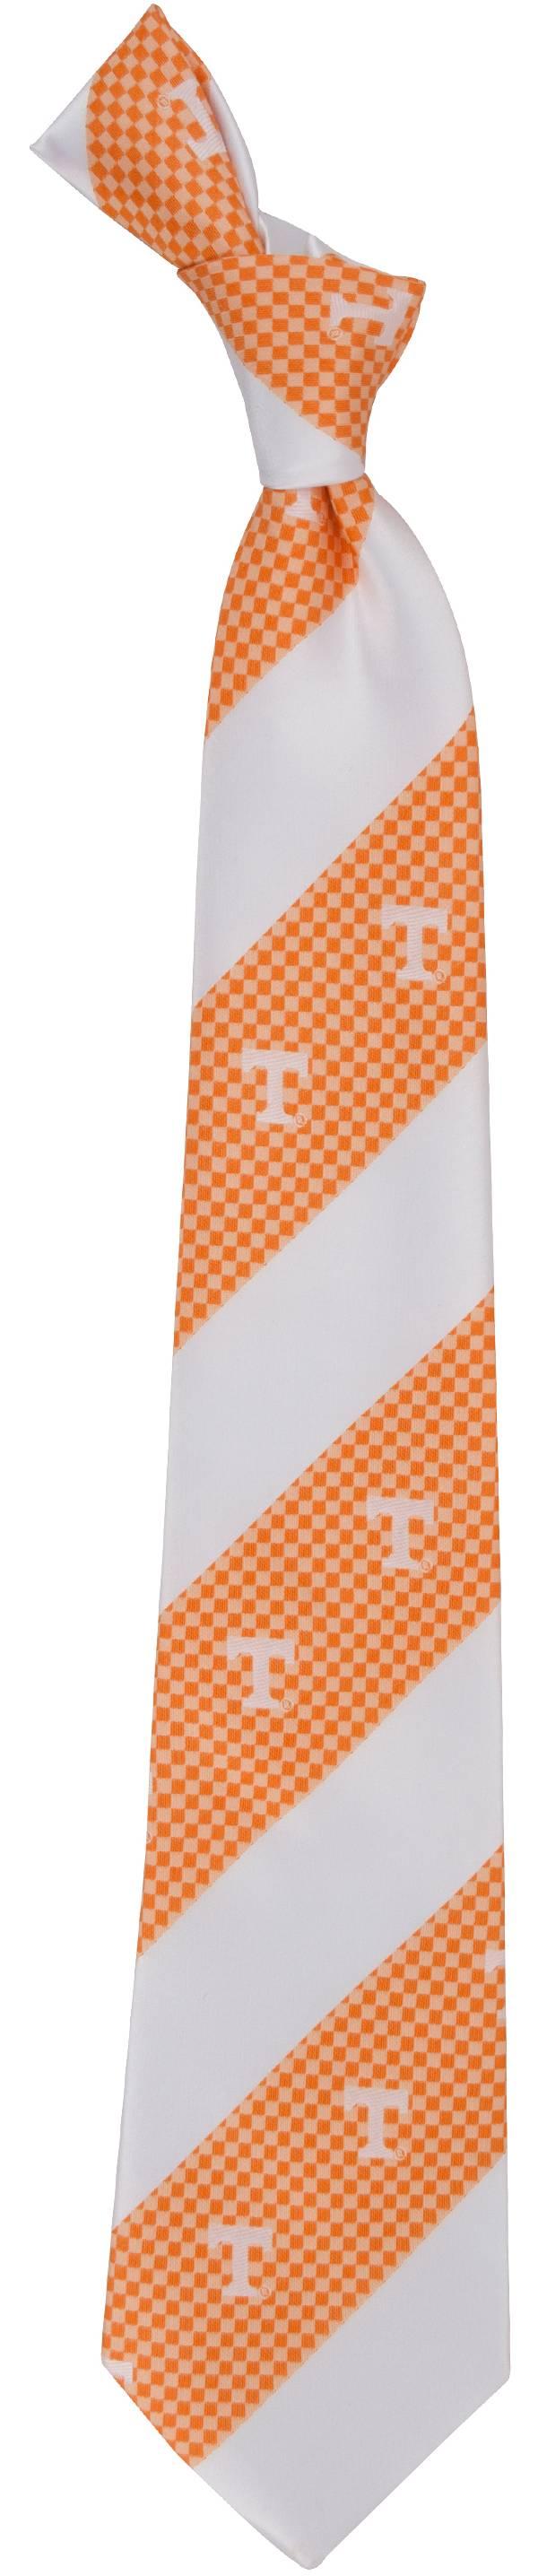 Eagles Wings Tennessee Volunteers Geo Stripe Necktie product image